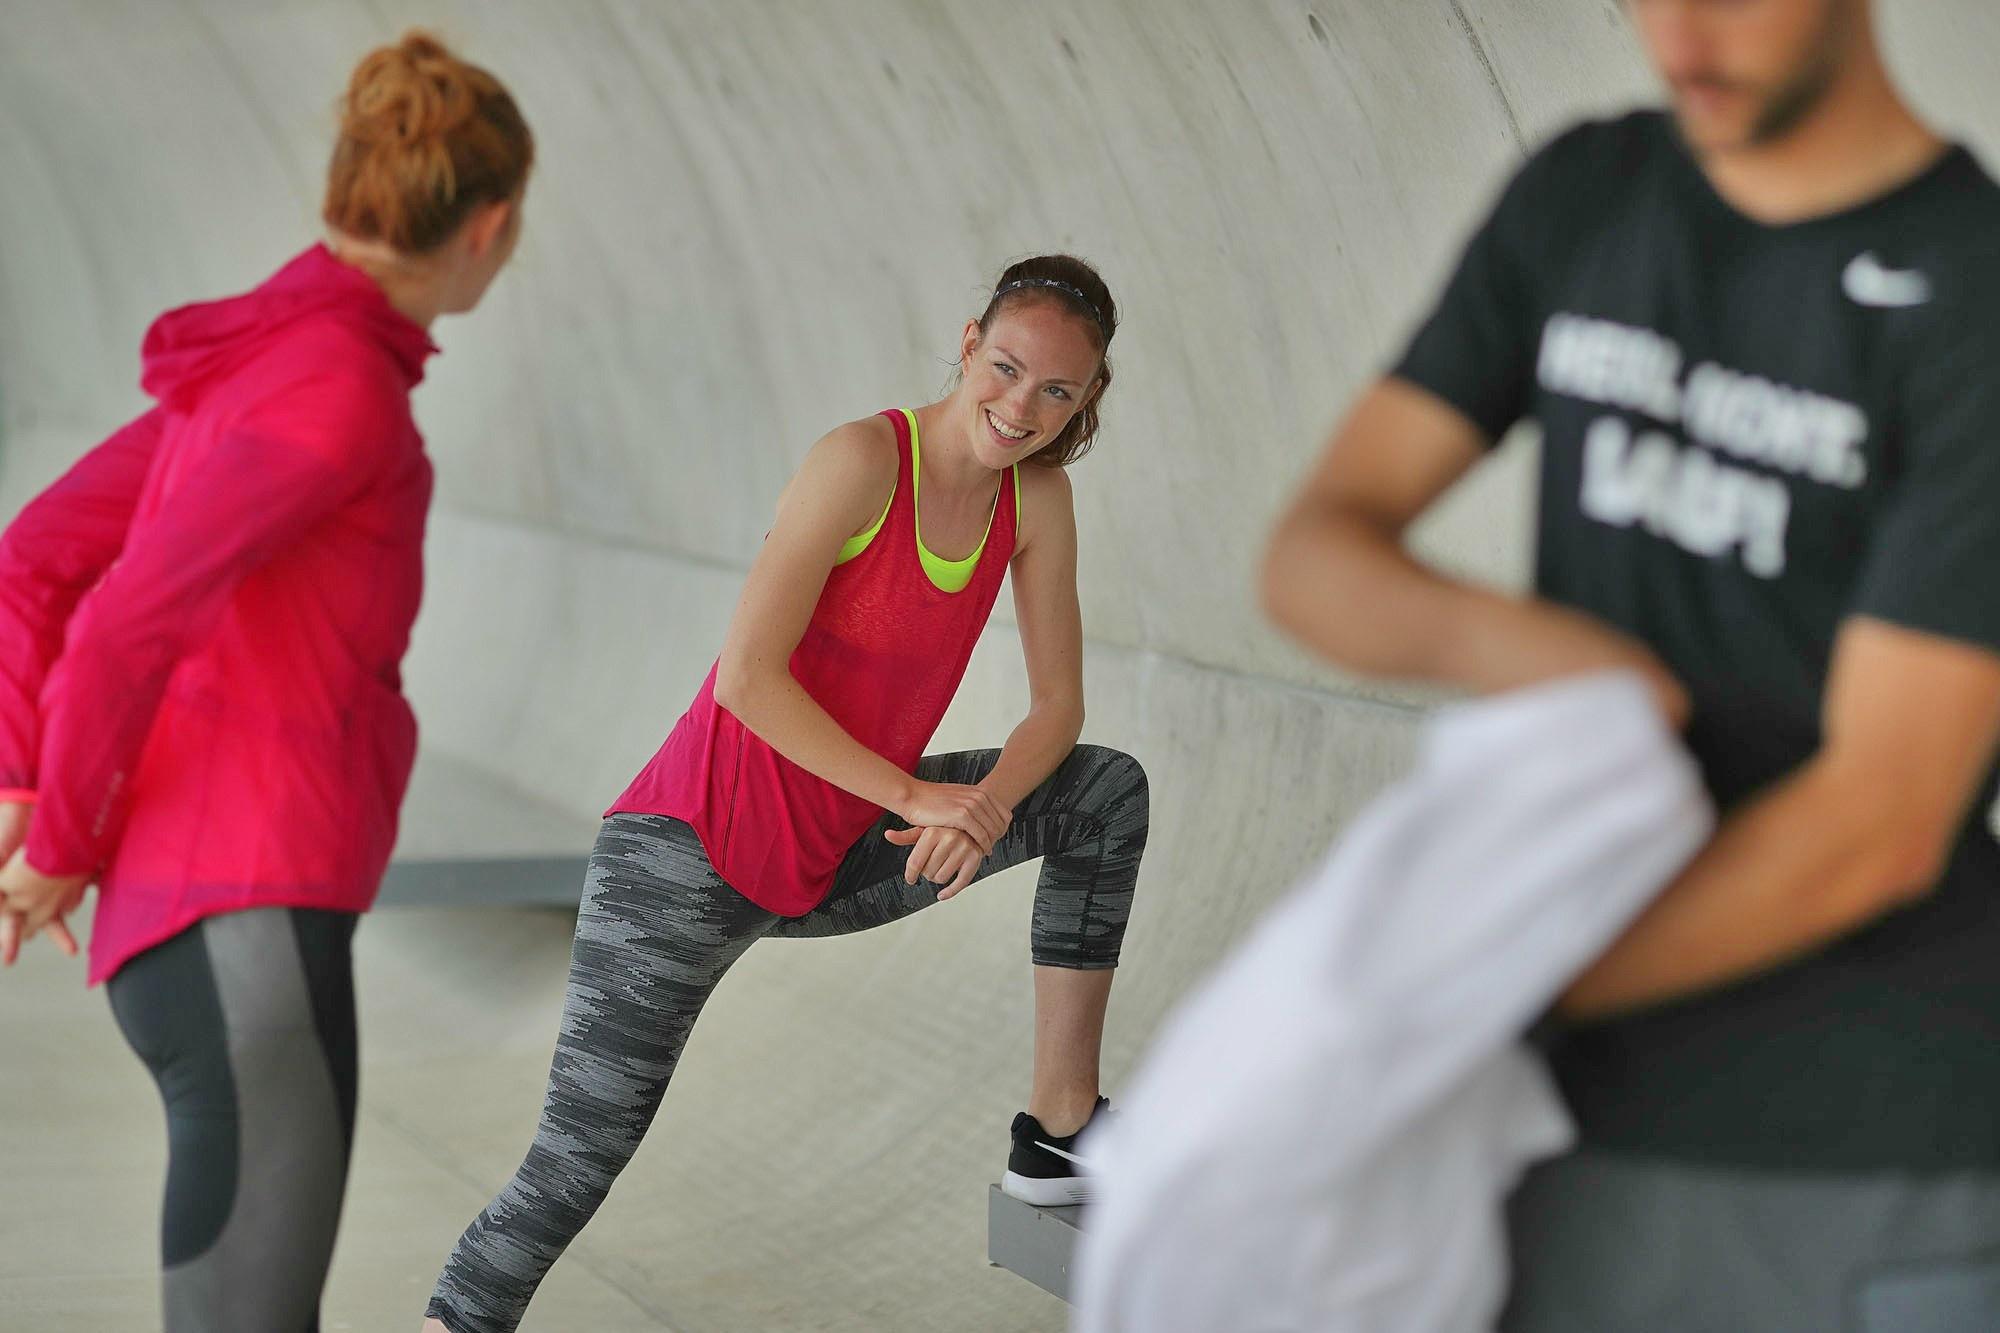 Laufen in einer Laufgruppe: Motivationsspritze und Community